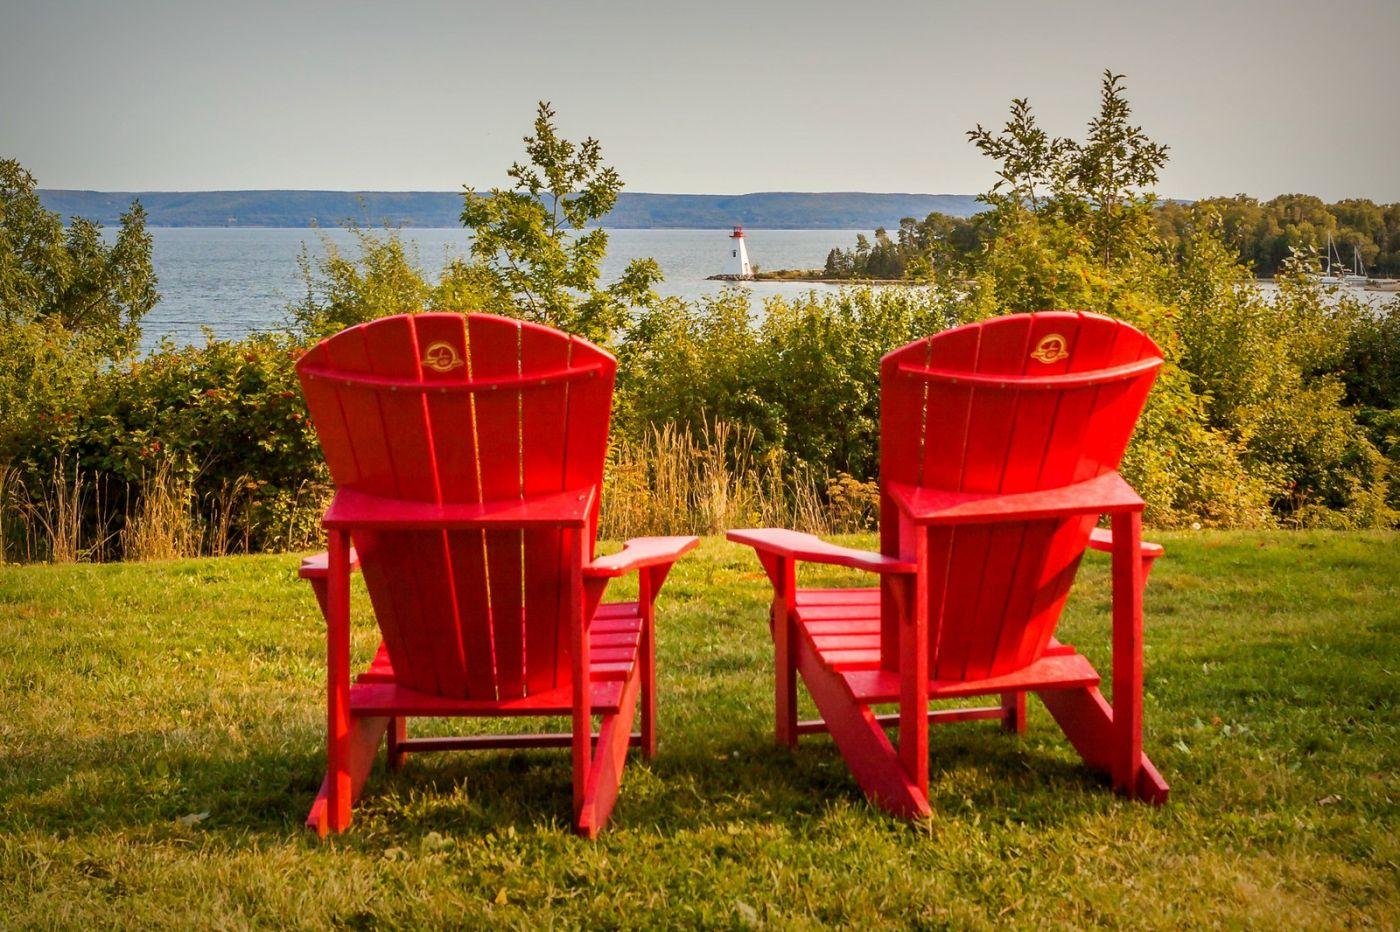 加拿大Nova Scotia, 帆船灯塔老鹰_图1-36